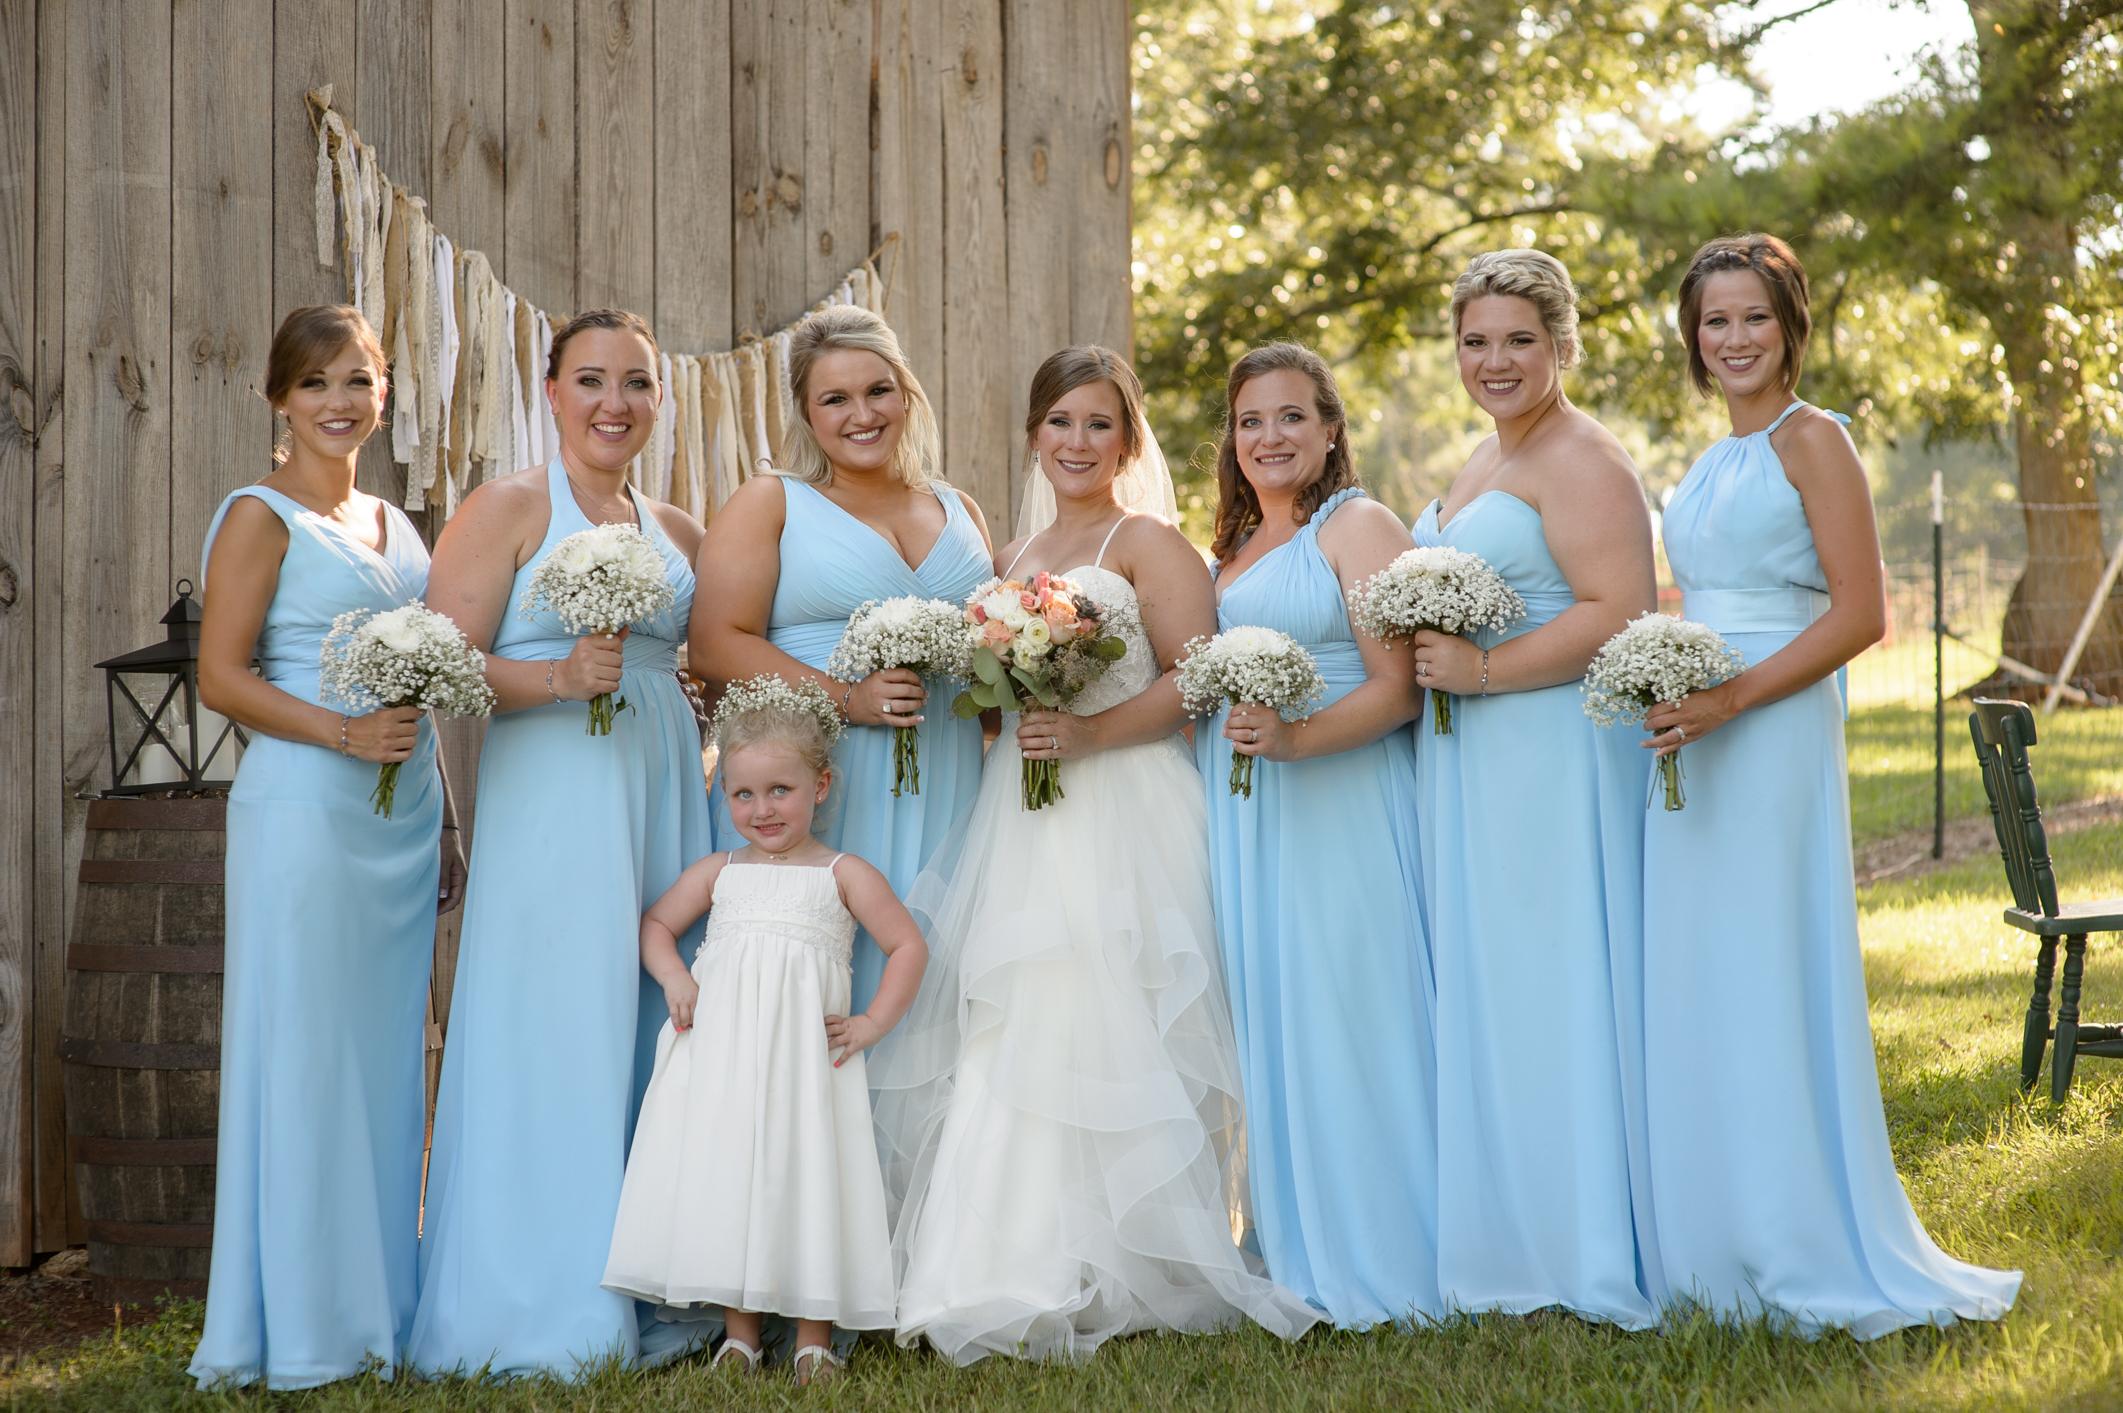 Outdoor Wedding-5882.JPG